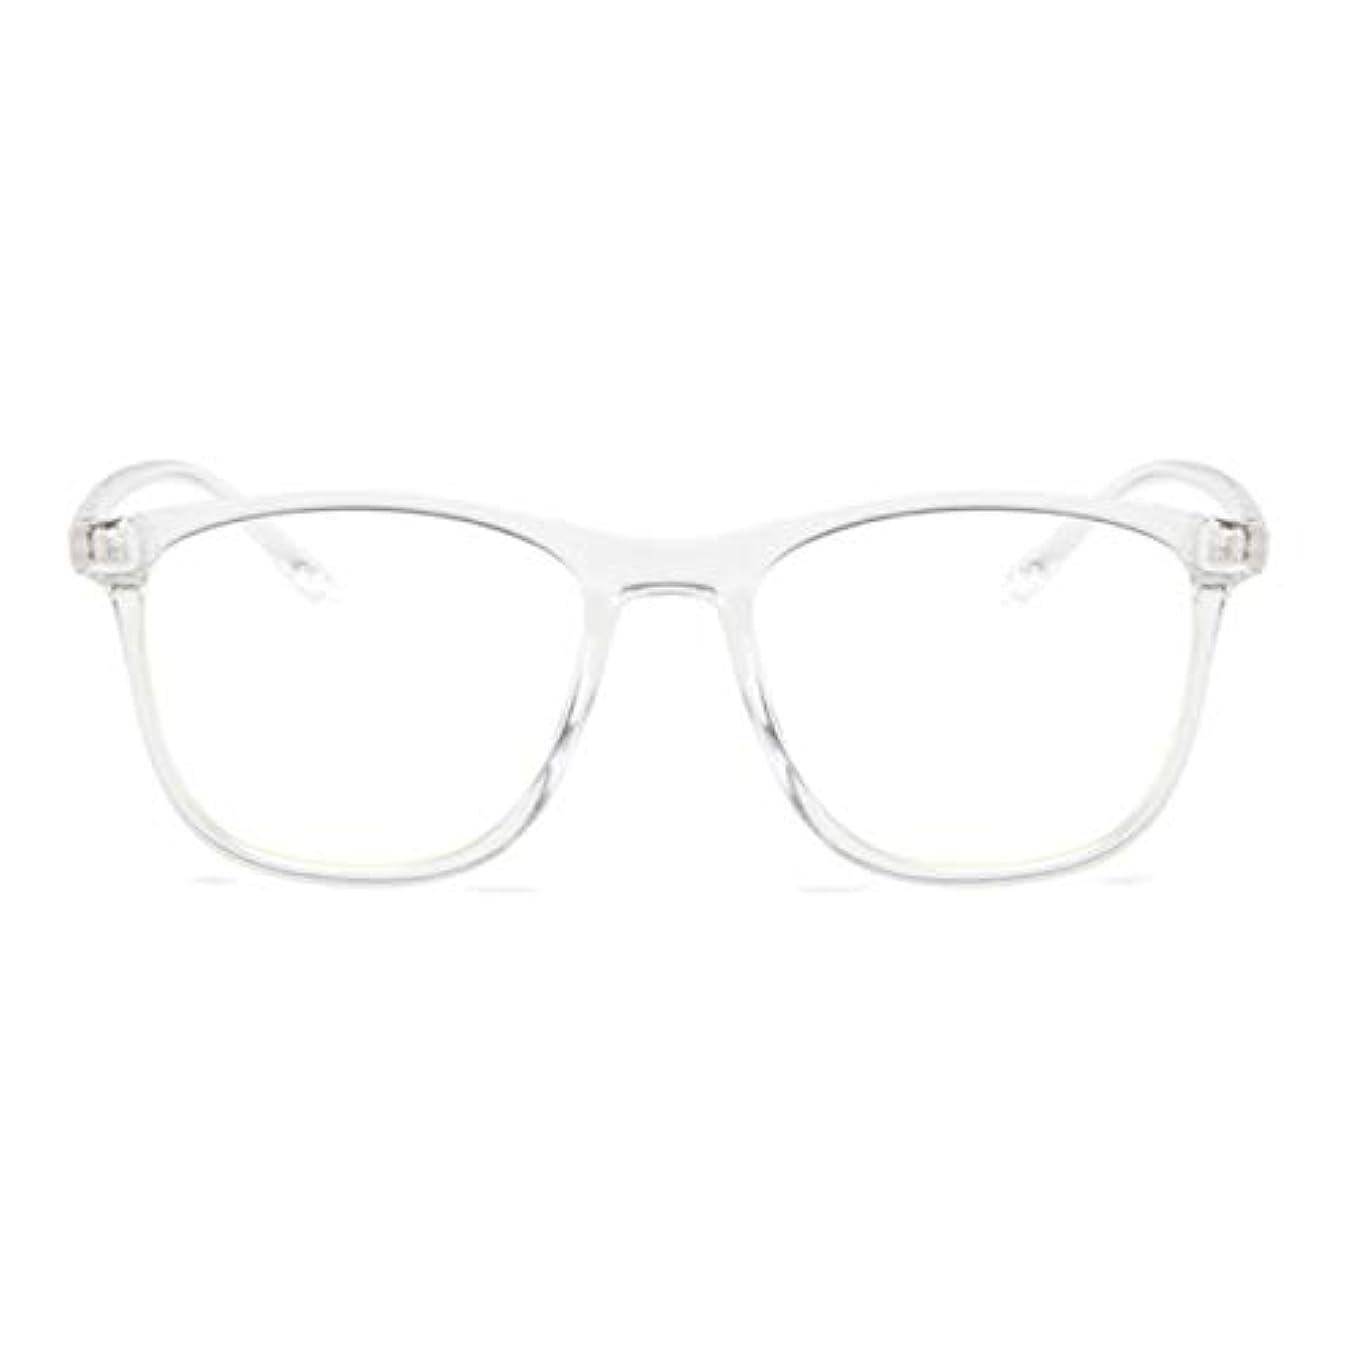 生じるウィザードアラート韓国の学生のプレーンメガネ男性と女性のファッションメガネフレーム近視メガネフレームファッショナブルなシンプルなメガネ-透明ホワイト